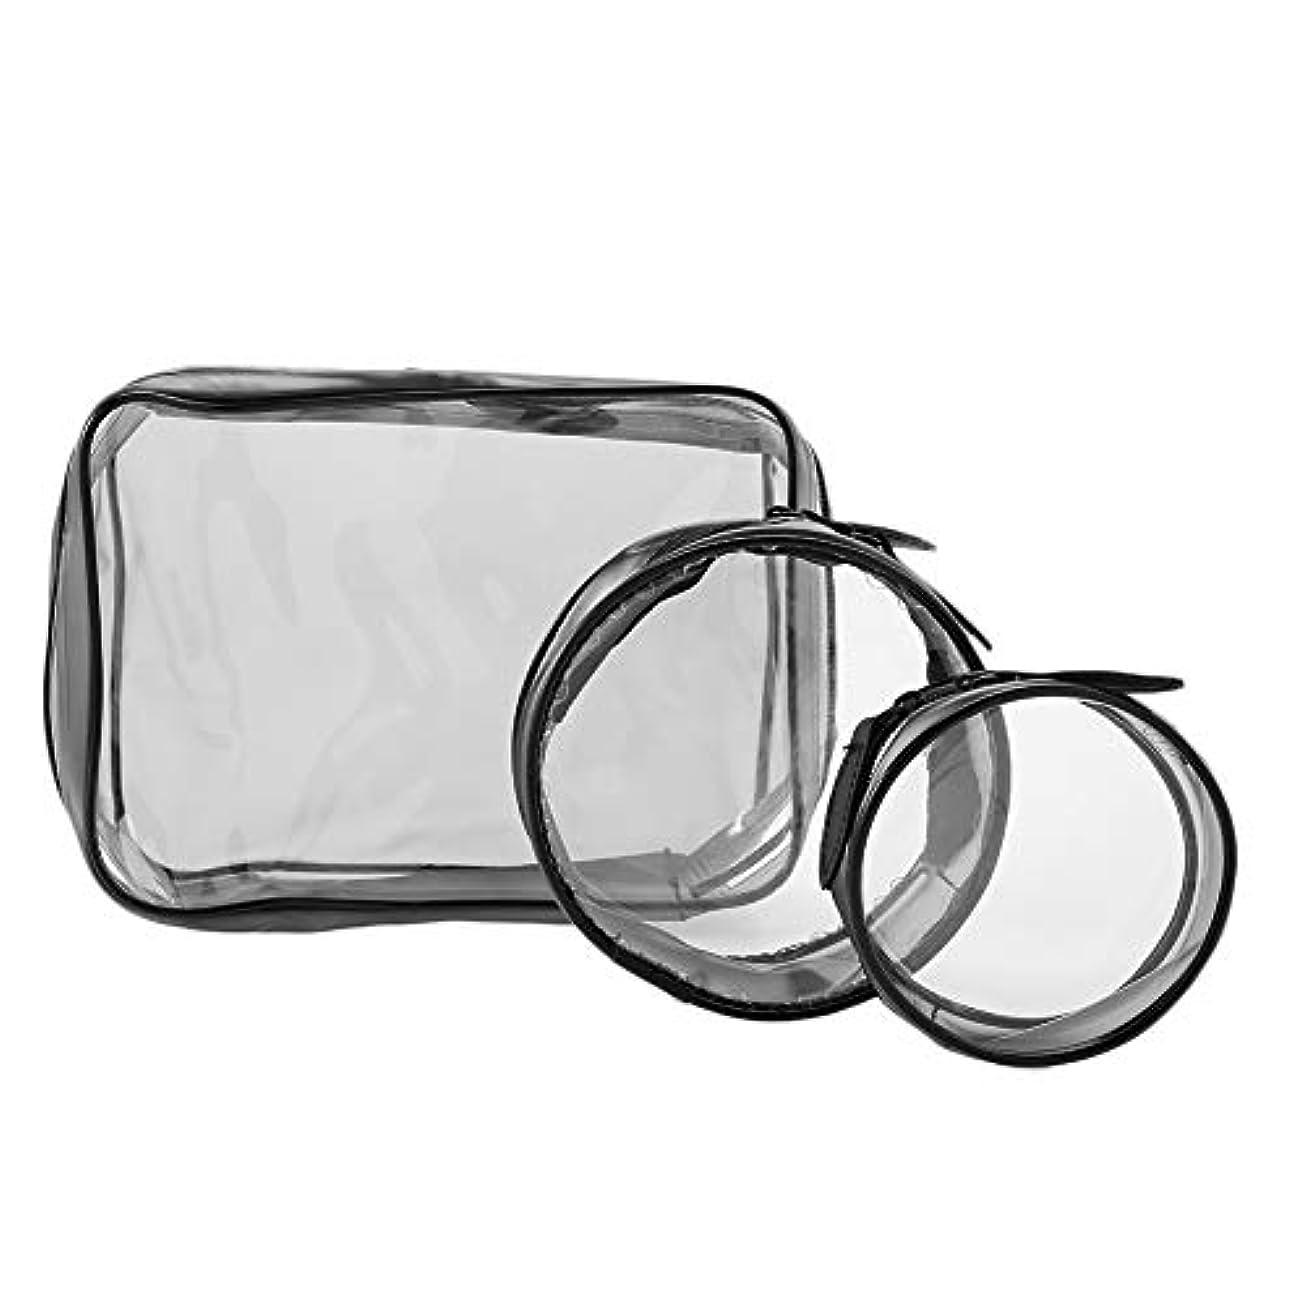 出席する抵抗するトイレ化粧ポーチ、携帯旅行収納バッグ シンプル 透明メイクバッグ 大容量 防水 円形 ラスナーデザインツアーバッグ(スリーピーススーツ)